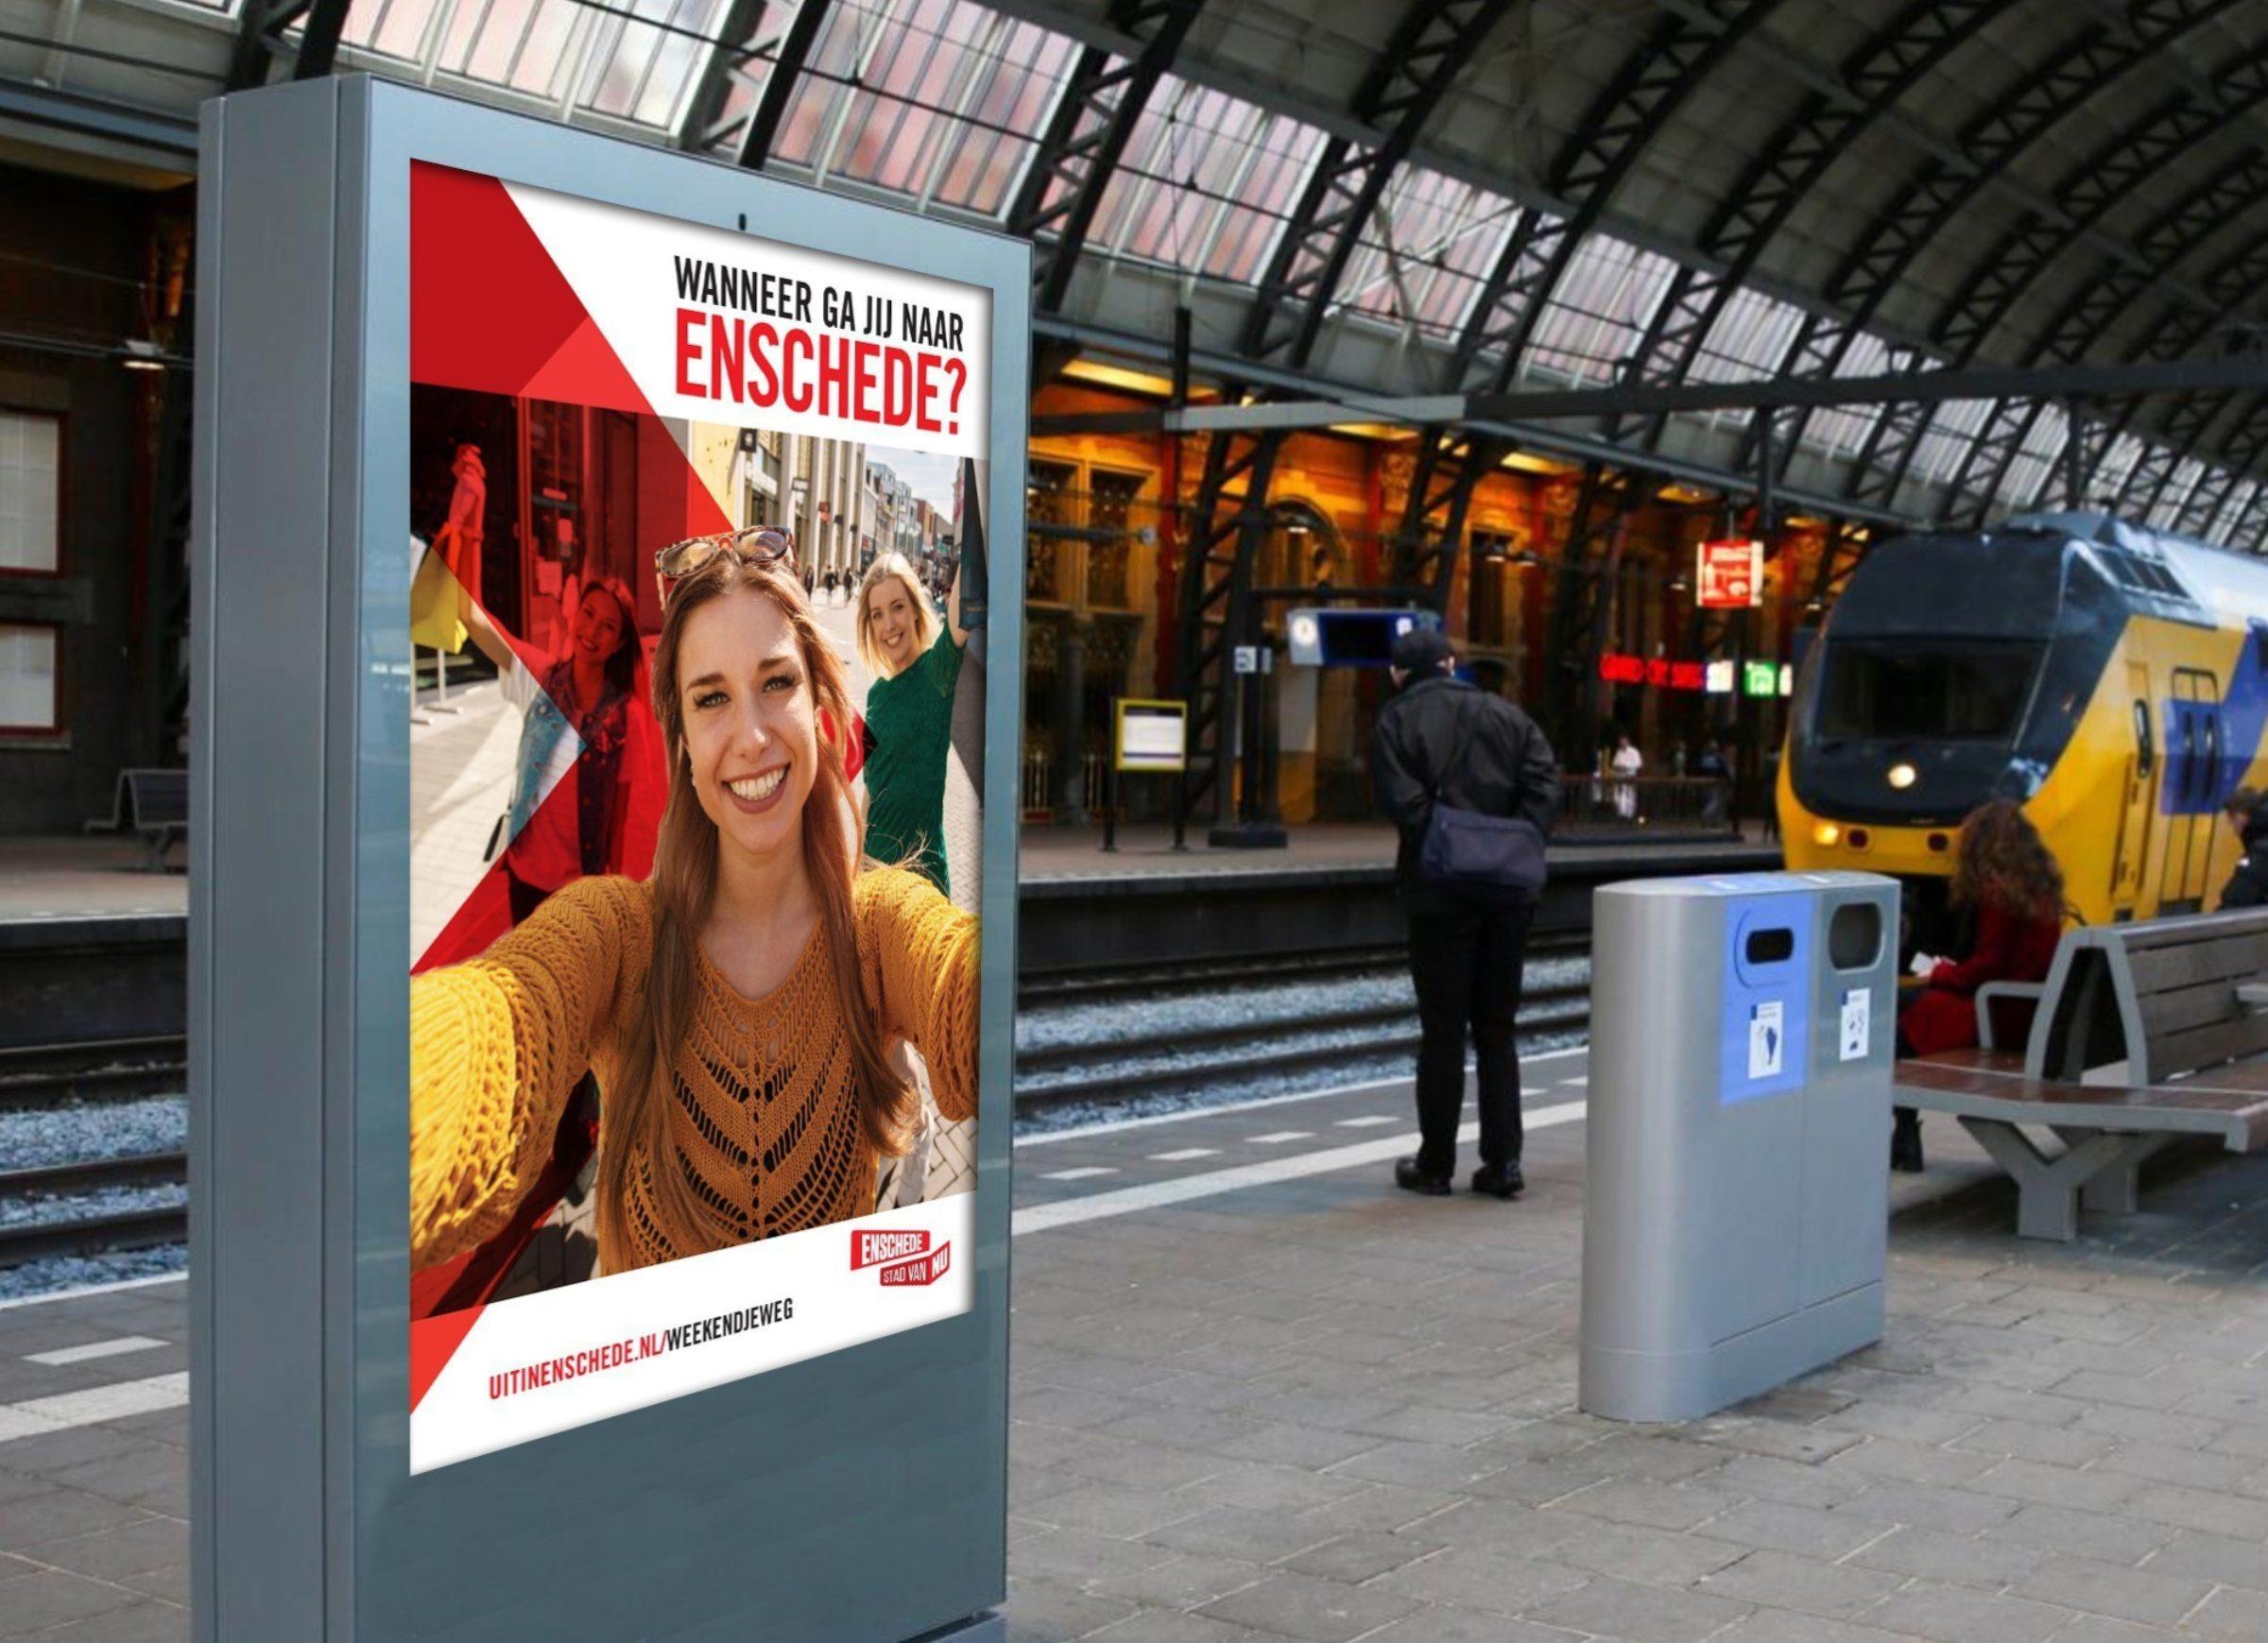 Visual campagne wanneer ga jij naar Enschede Enschede Promotie 2691 1554728542 35hxfxxvx0